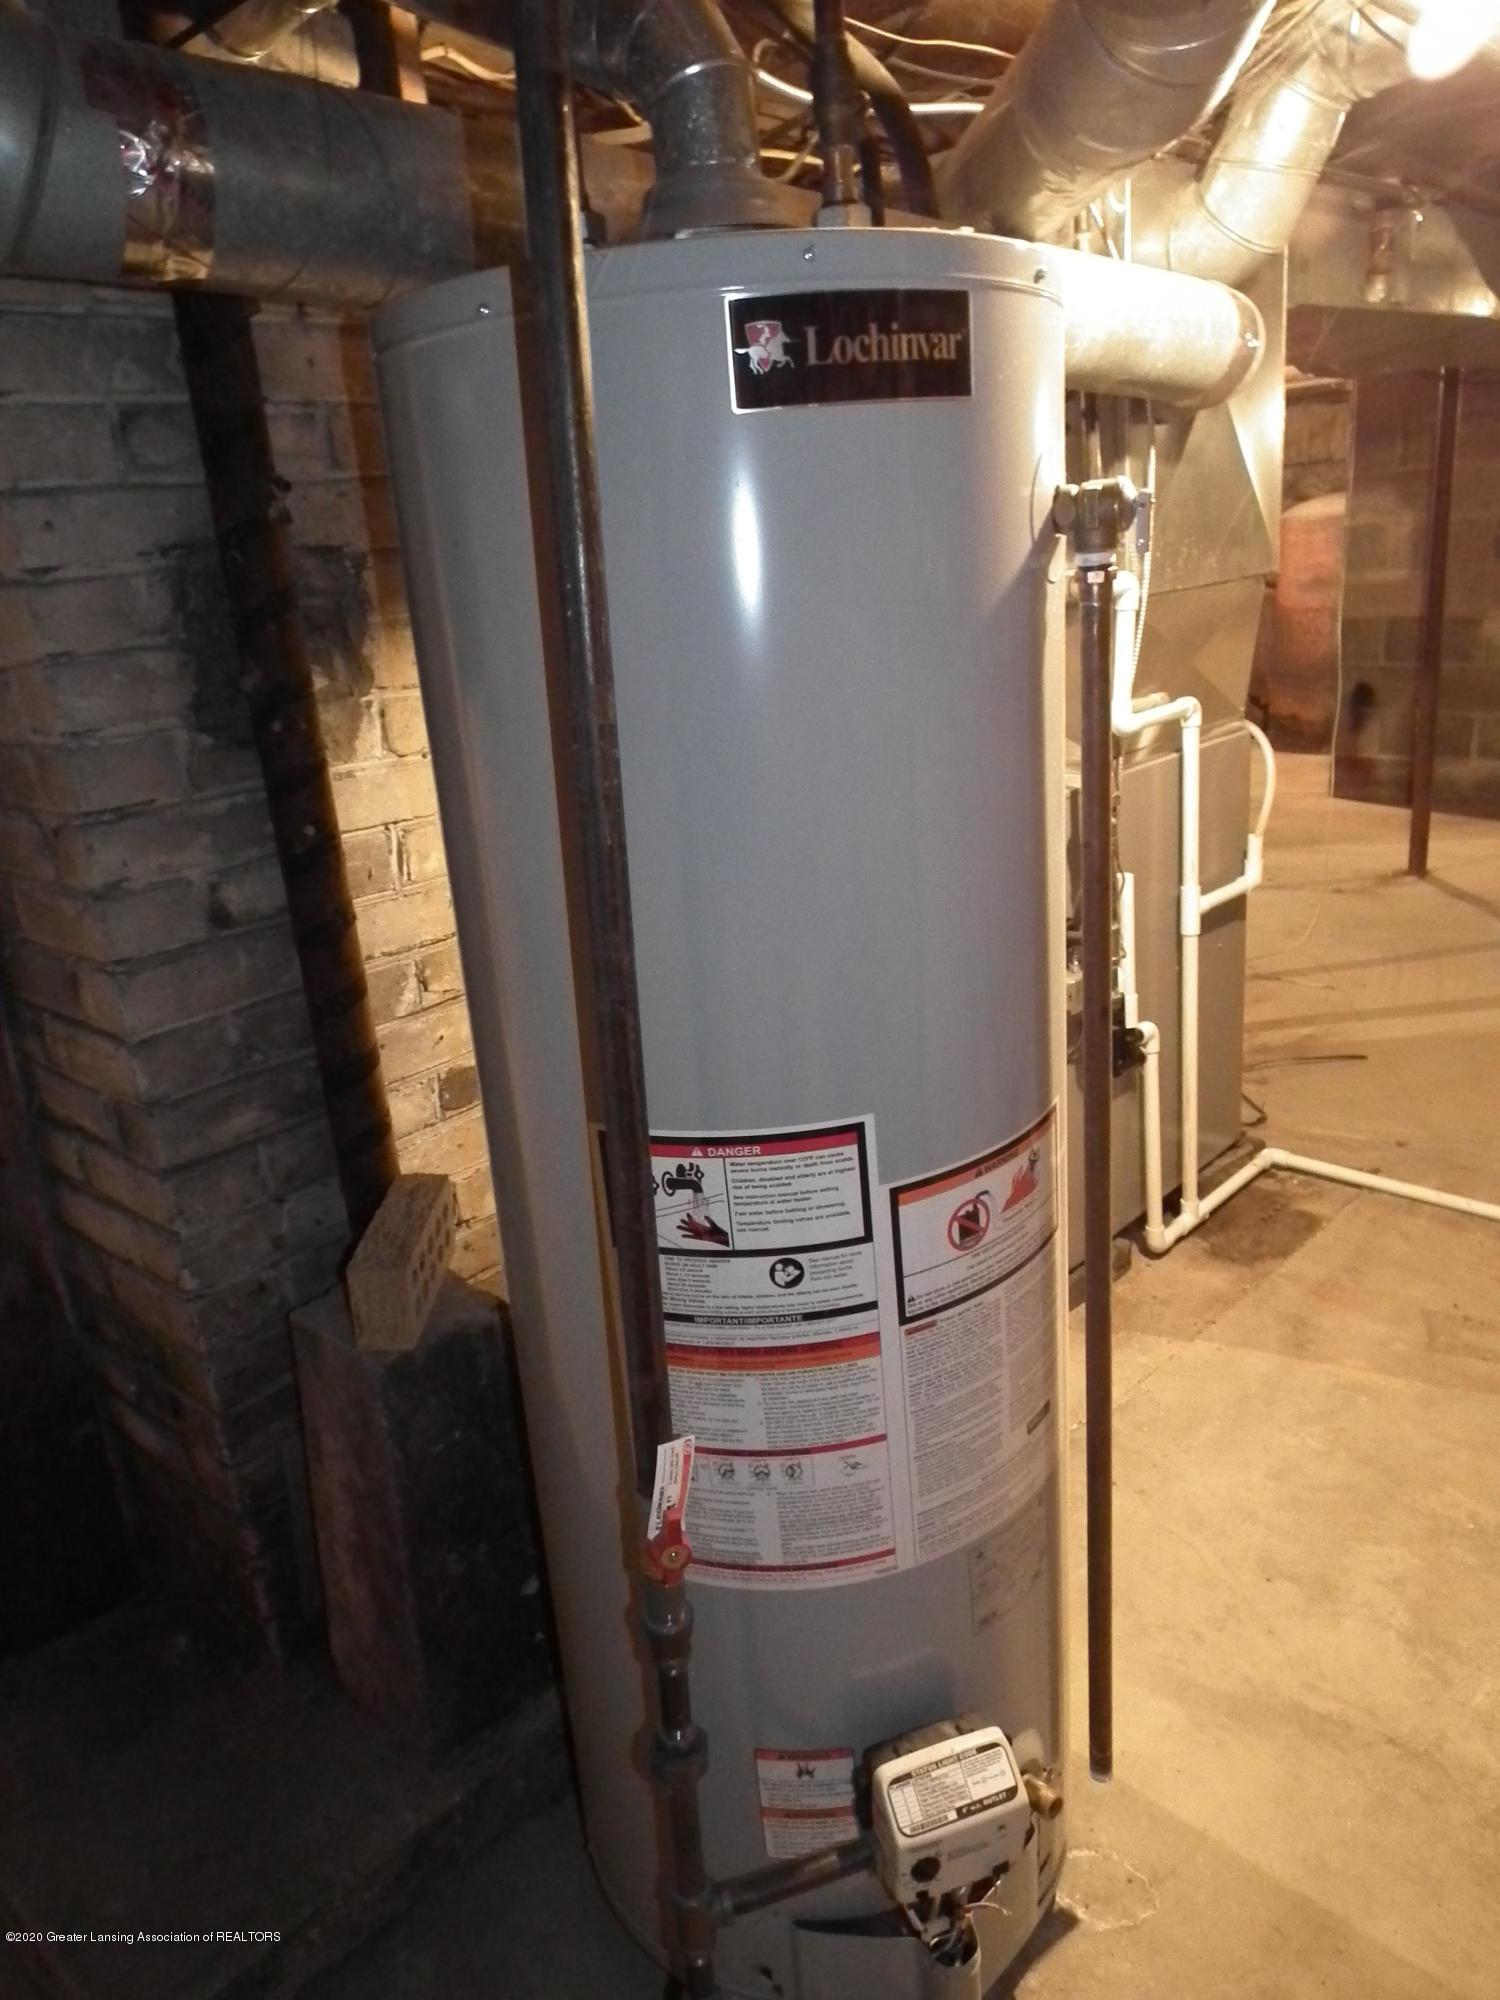 209 N Church St - 209 N. Church, Water Heater - 35